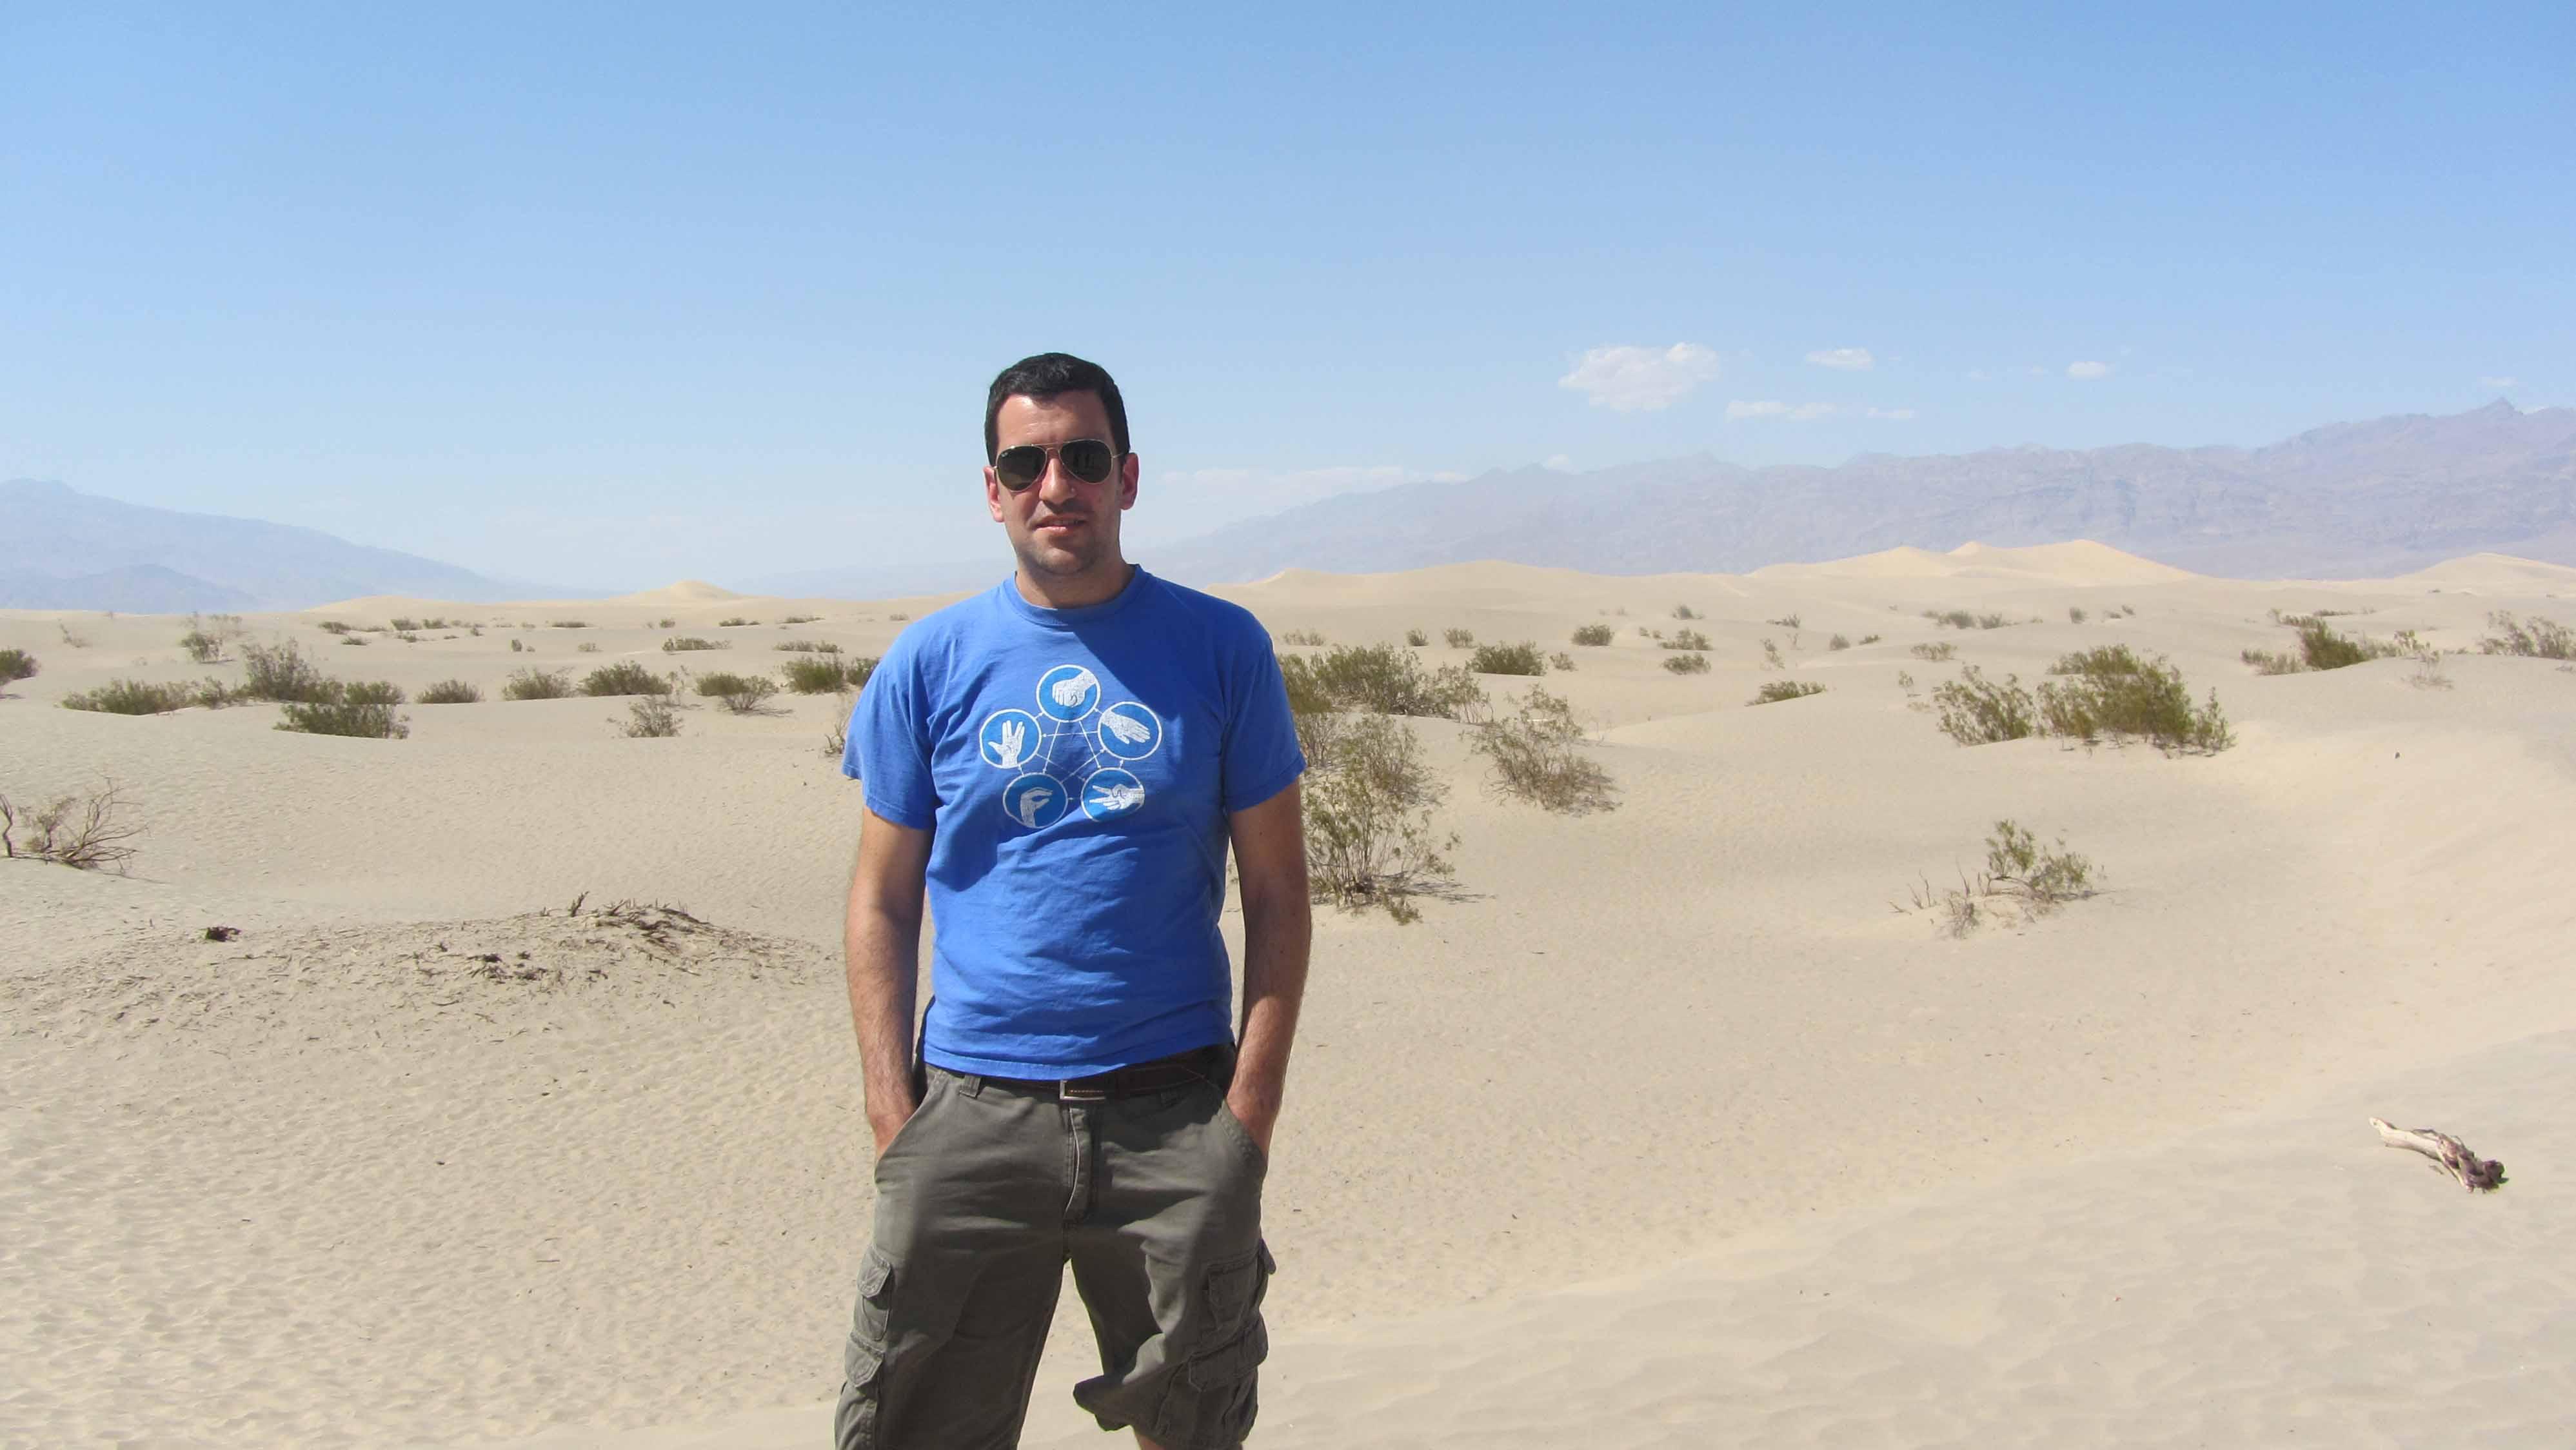 El utrerano Manuel Delgado ha viajado por todo el mundo para realizar este estudio